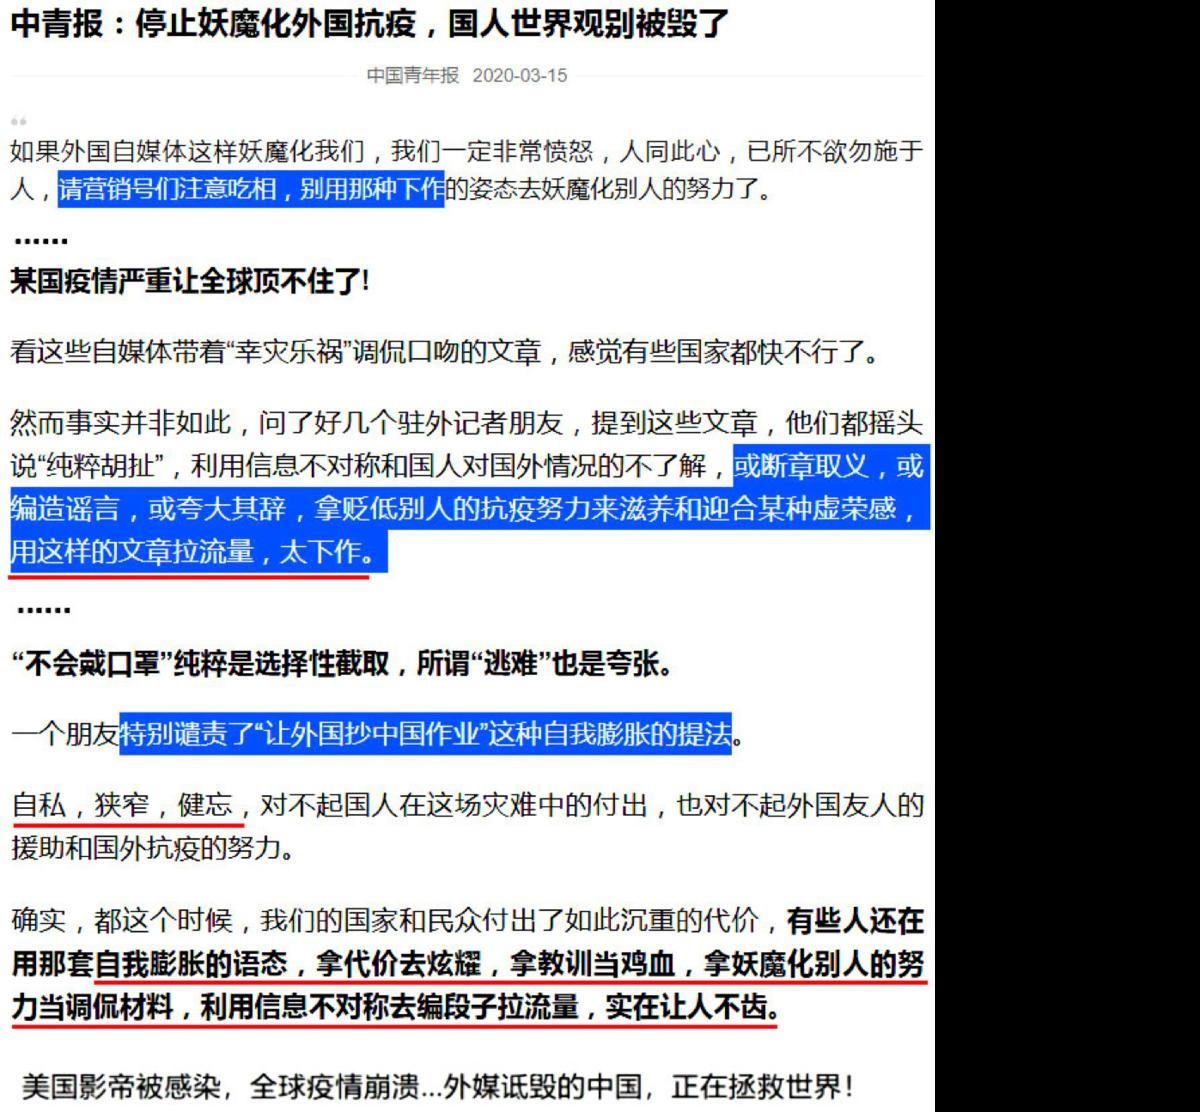 圖13:3月15日,中青報《停止妖魔化外國抗疫》的升級版,痛斥造謠的五毛下作,為掙錢無所不為。(圖:中青報官網截圖)